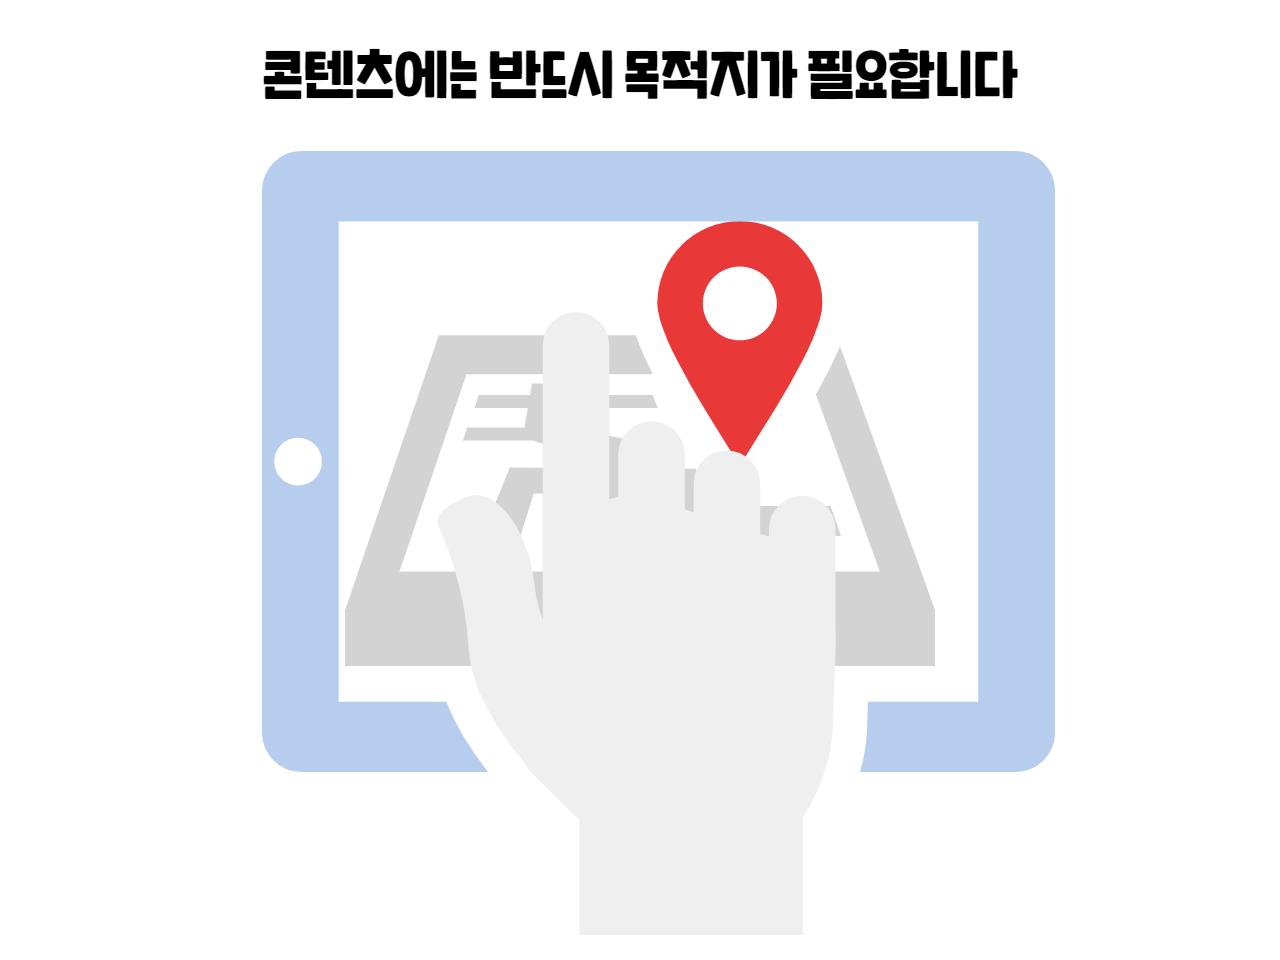 콘텐츠 기획2_복엔편살